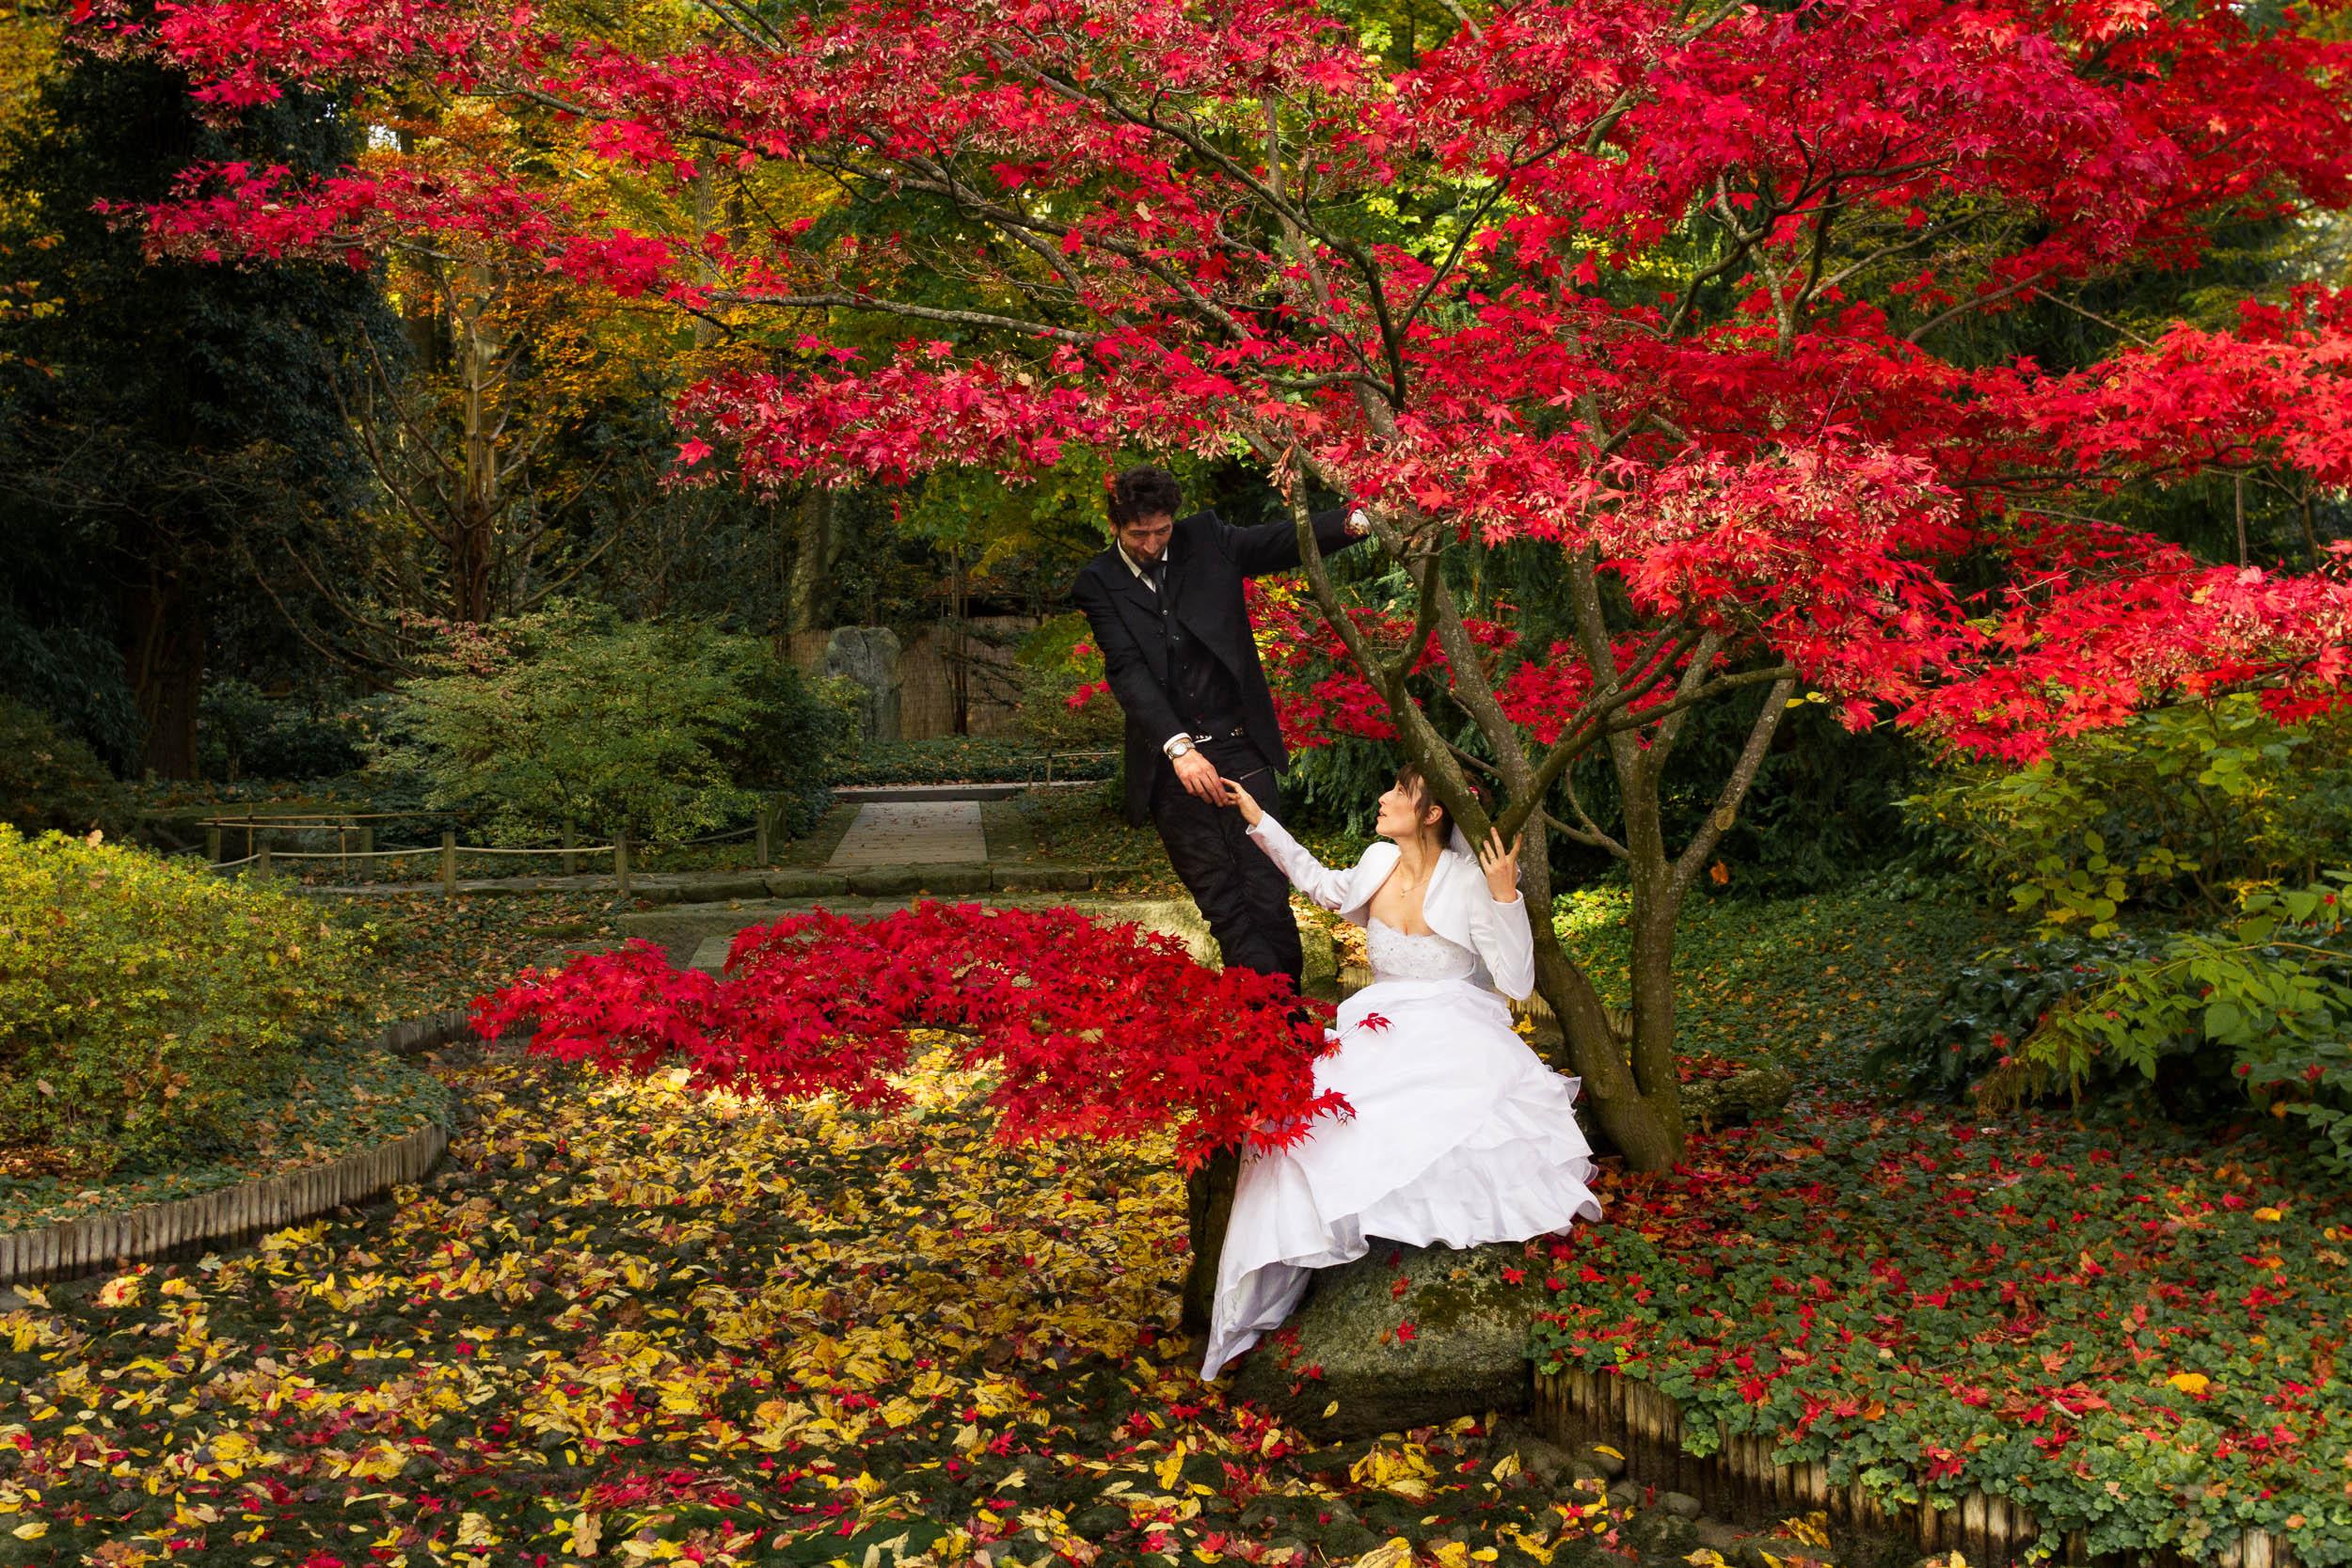 Botanischer Garten Augsburg Programm Elegant Hochzeitsfotograf Augsburg München Zammgfasst